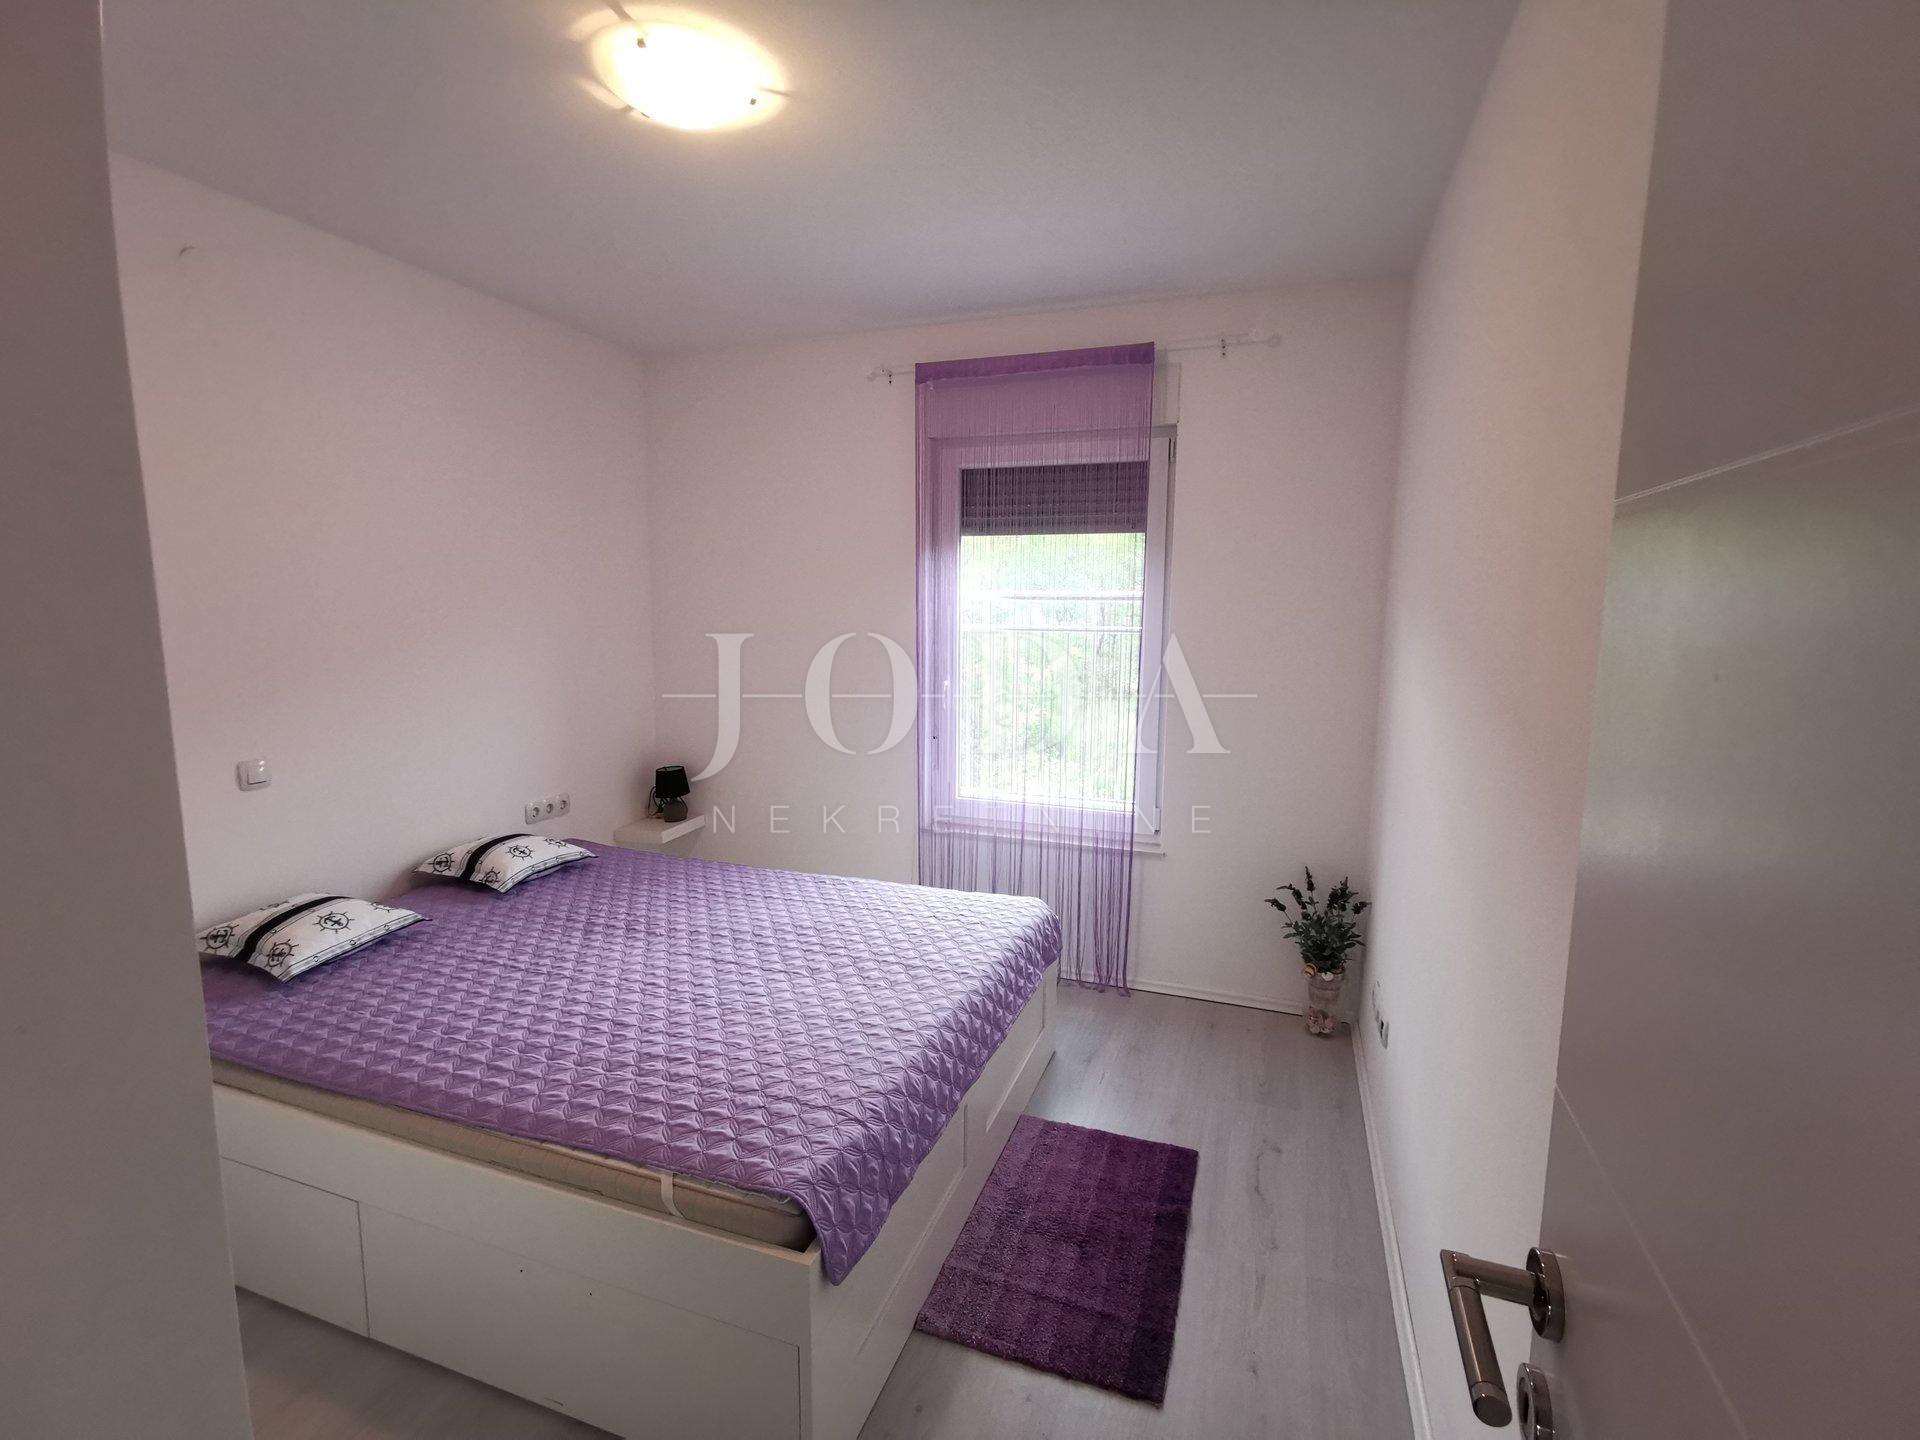 Povile apartman 45m2